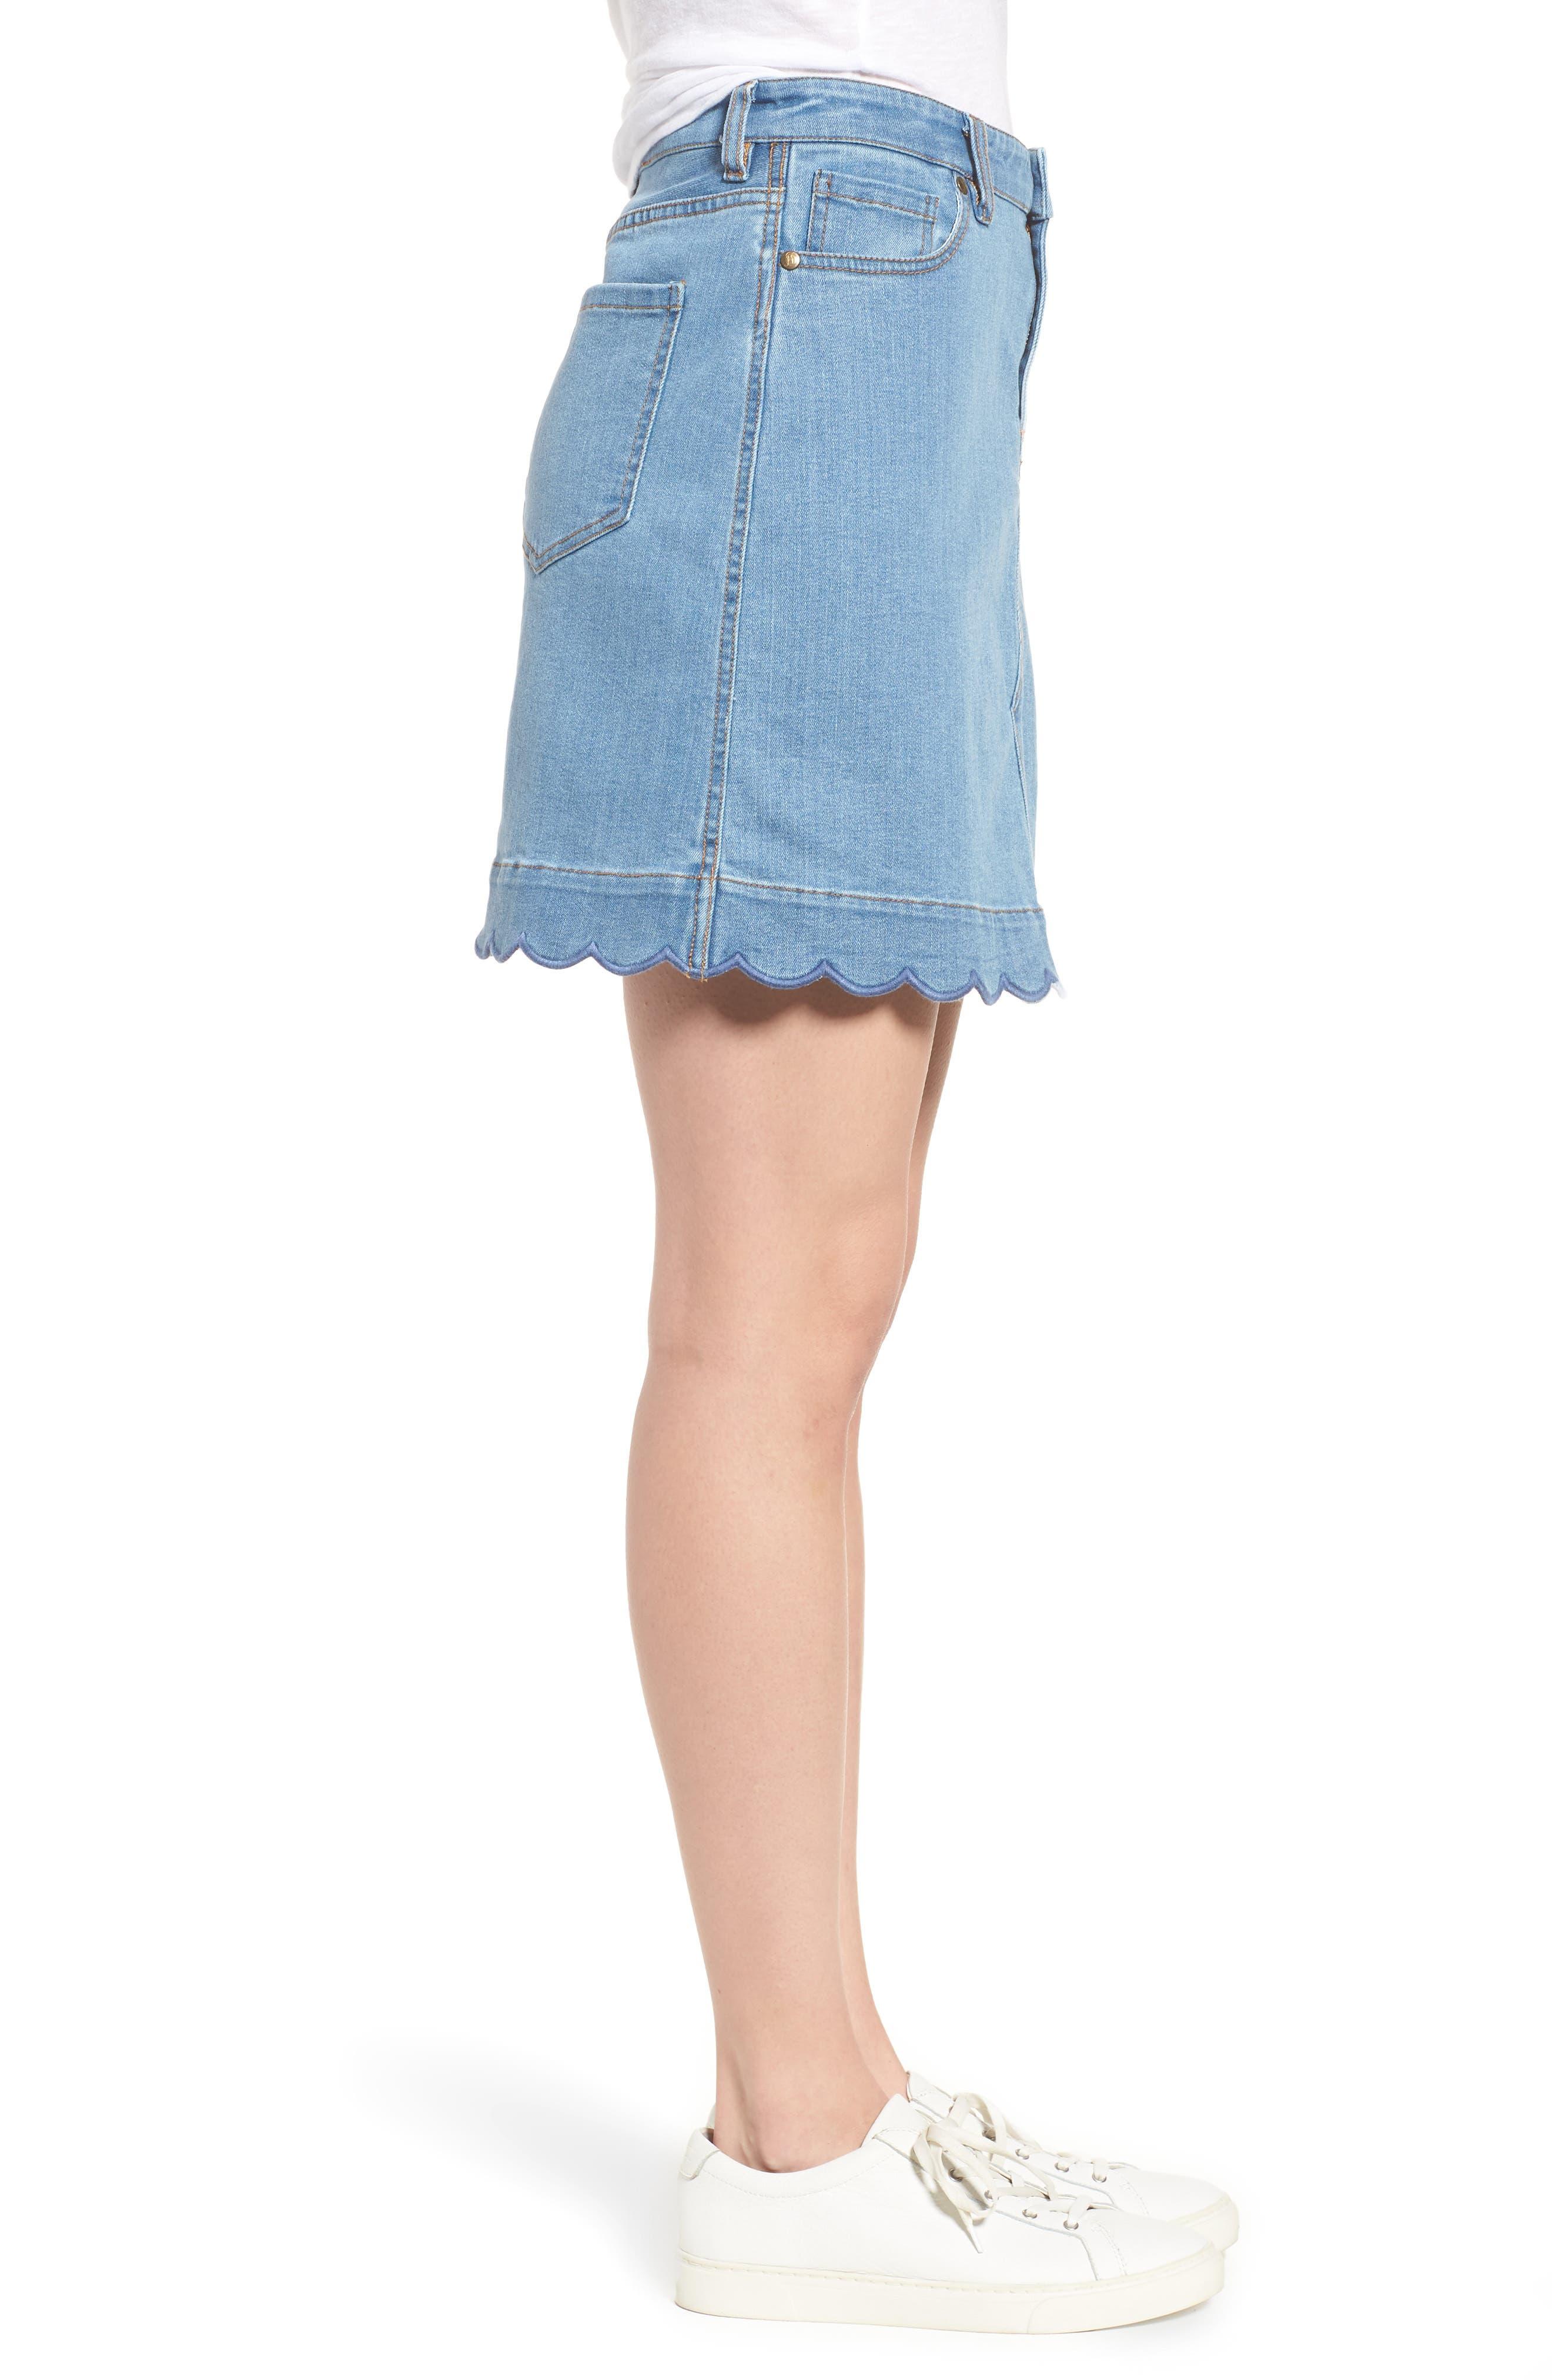 Scallop Denim Skirt,                             Alternate thumbnail 3, color,                             420